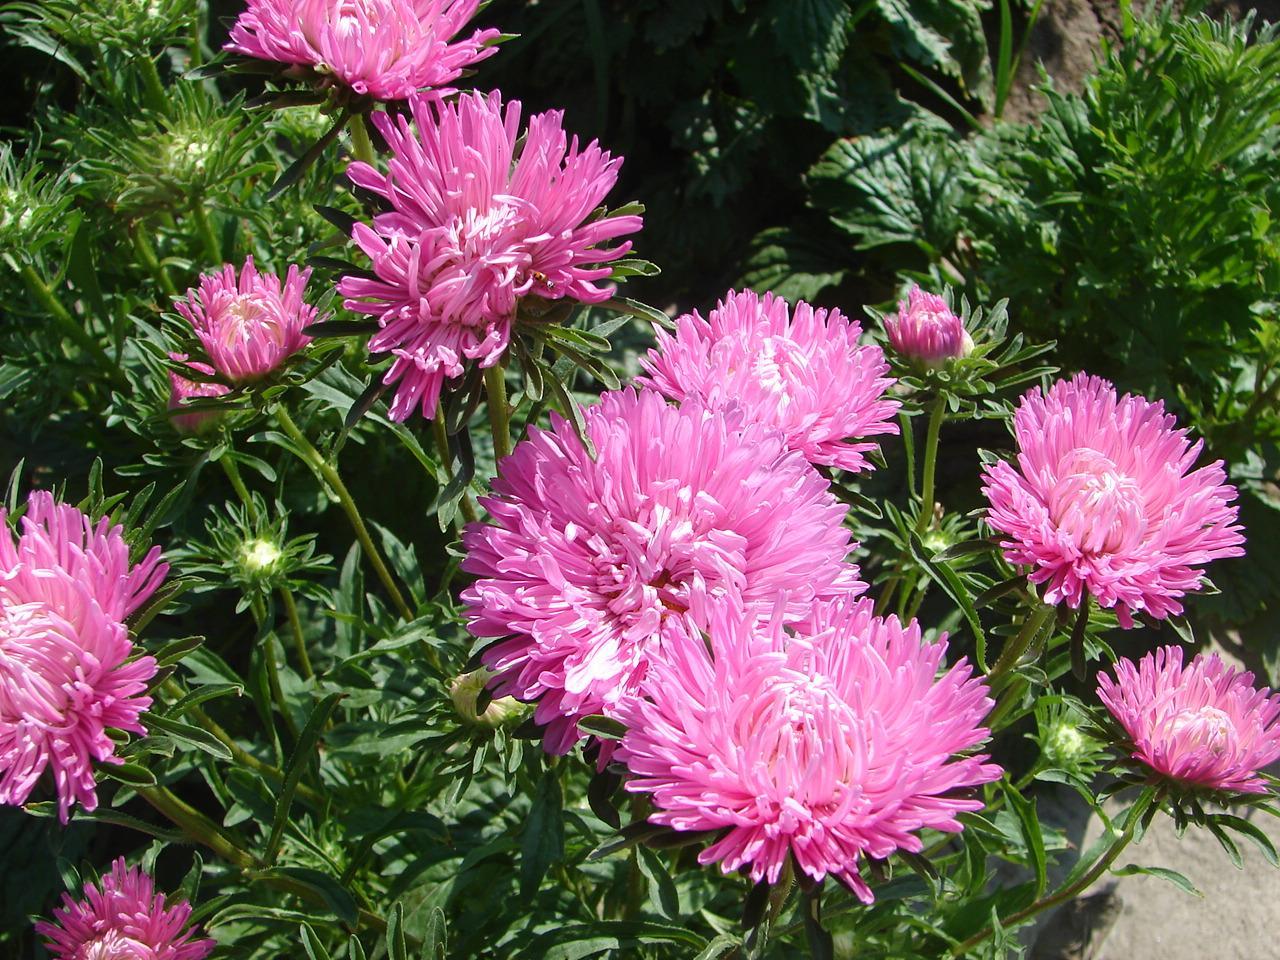 Coltivare Fiori Da Recidere acquista 200 semi di fiori rosa chinse aster facile da coltivare varietà di  fiori da taglio fai da te casa giardino fiore a 4,43 € dal melove |